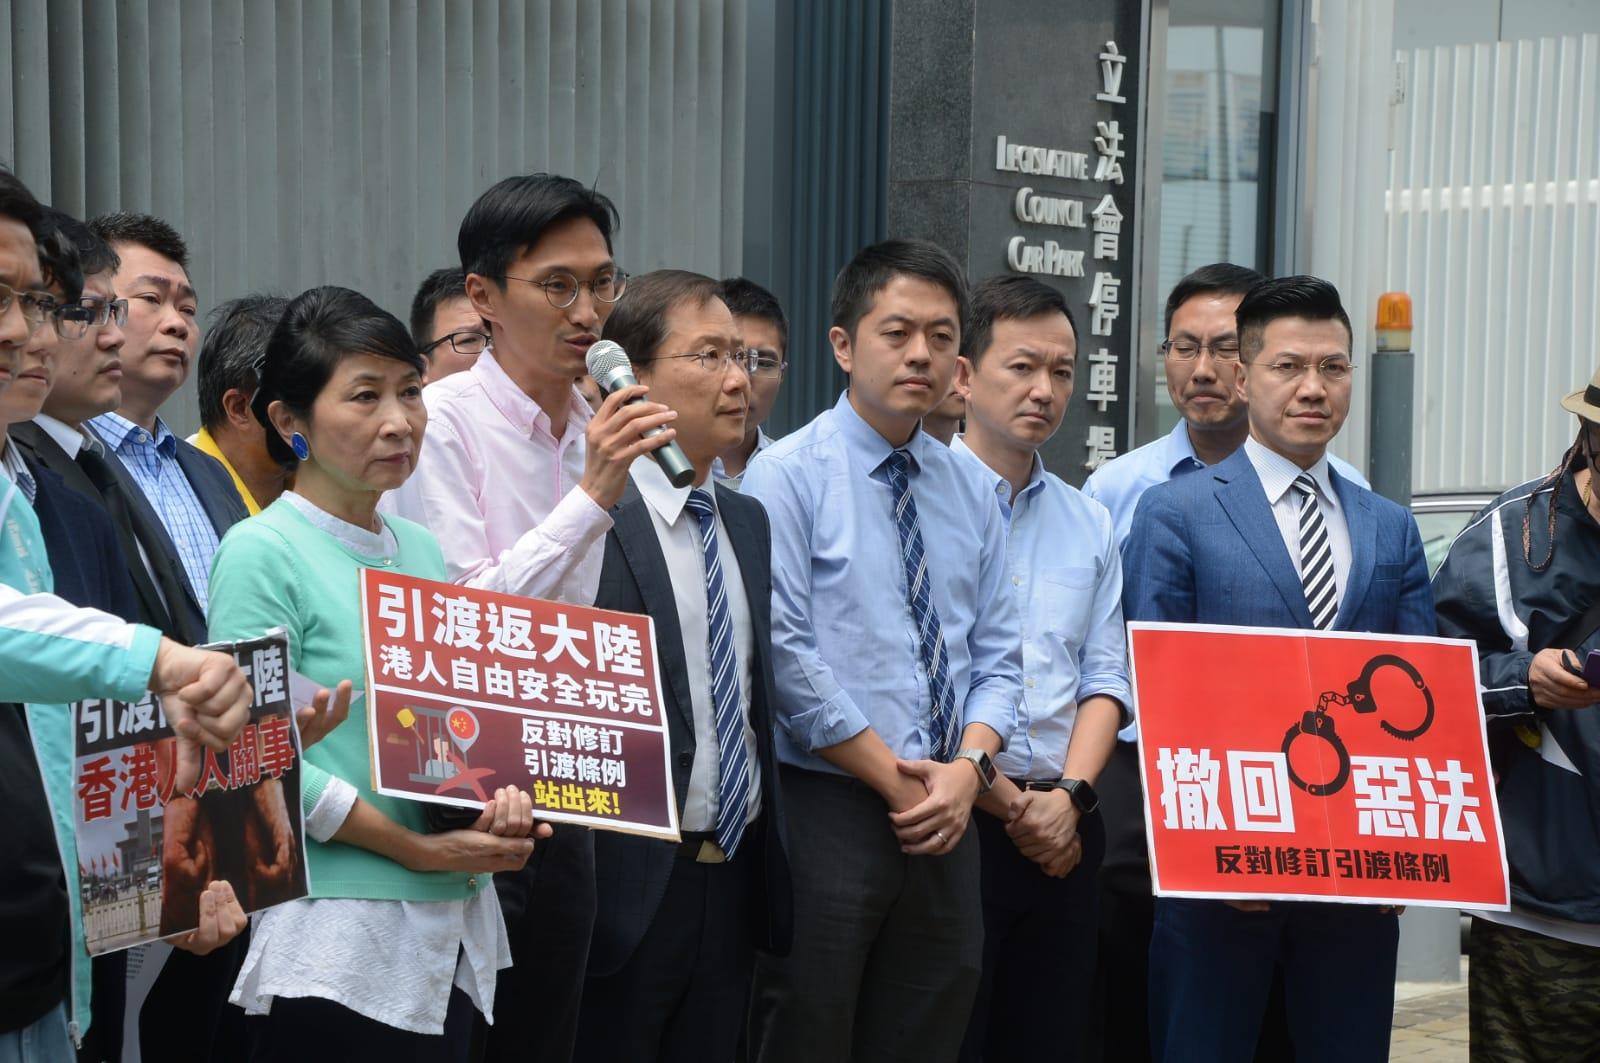 民主派示威要求擱置修訂逃犯條例。